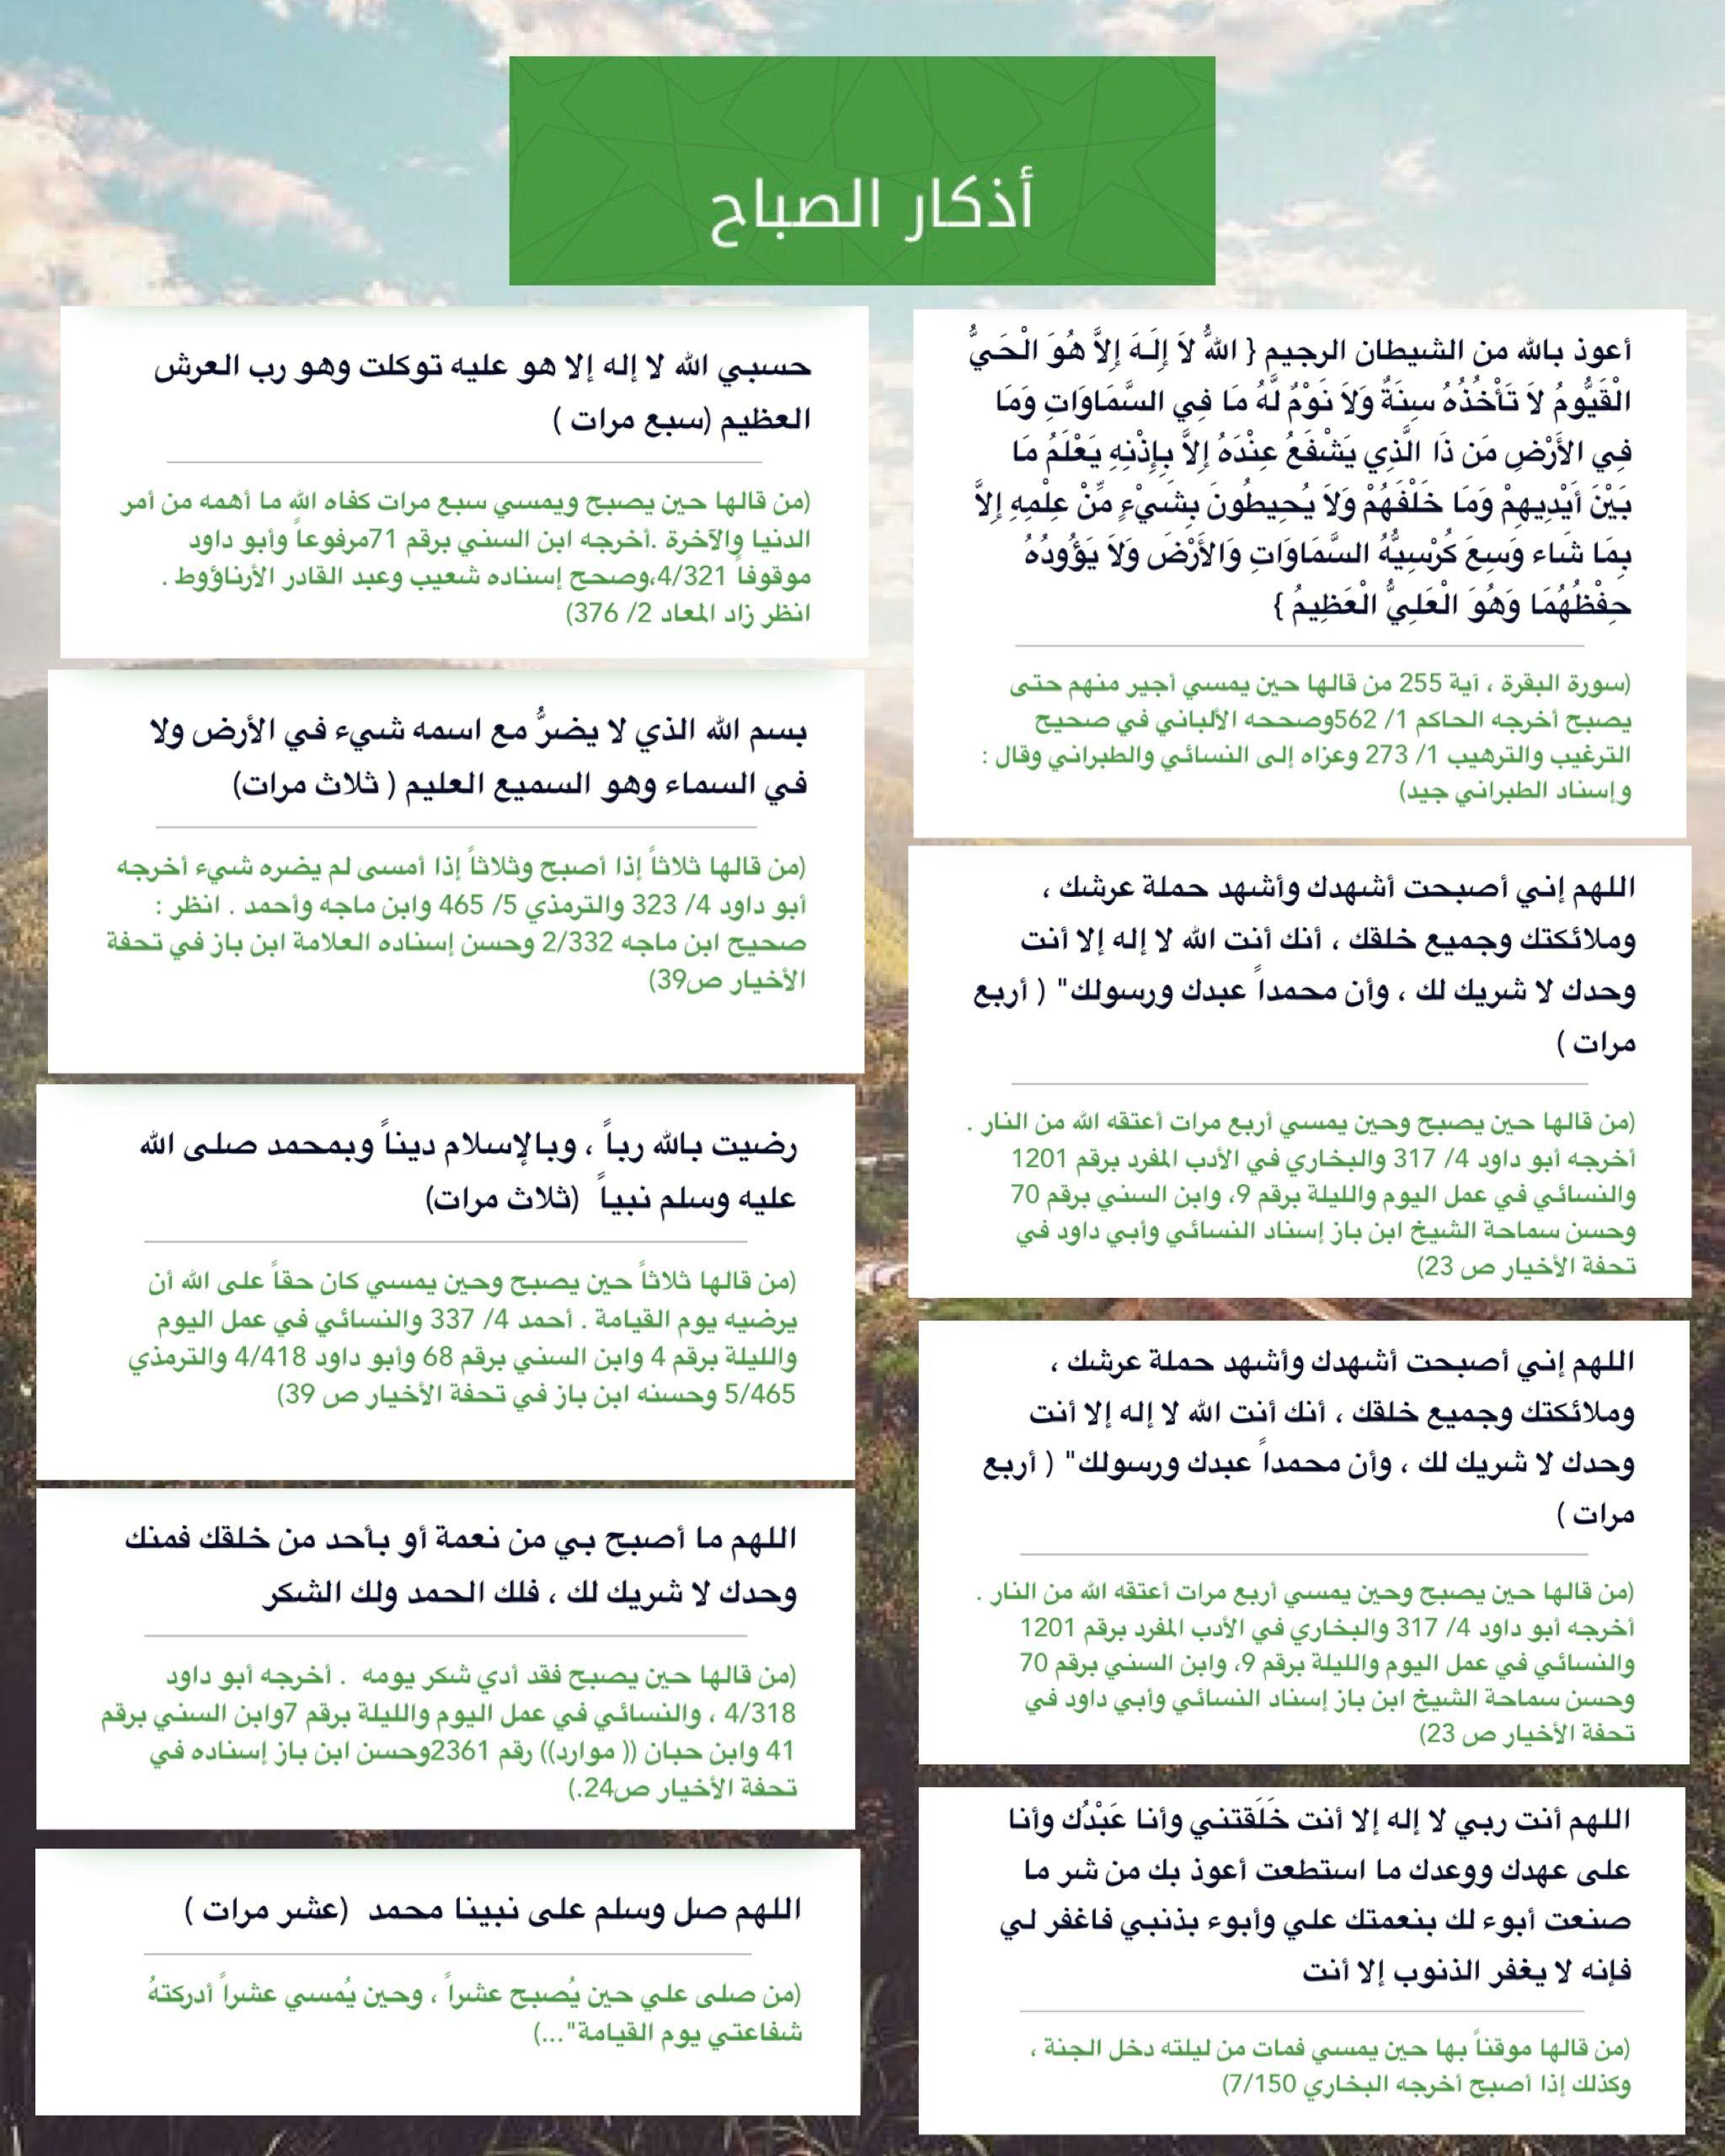 اذكار الصباح Islamic Quotes Quran Islamic Inspirational Quotes Islamic Quotes